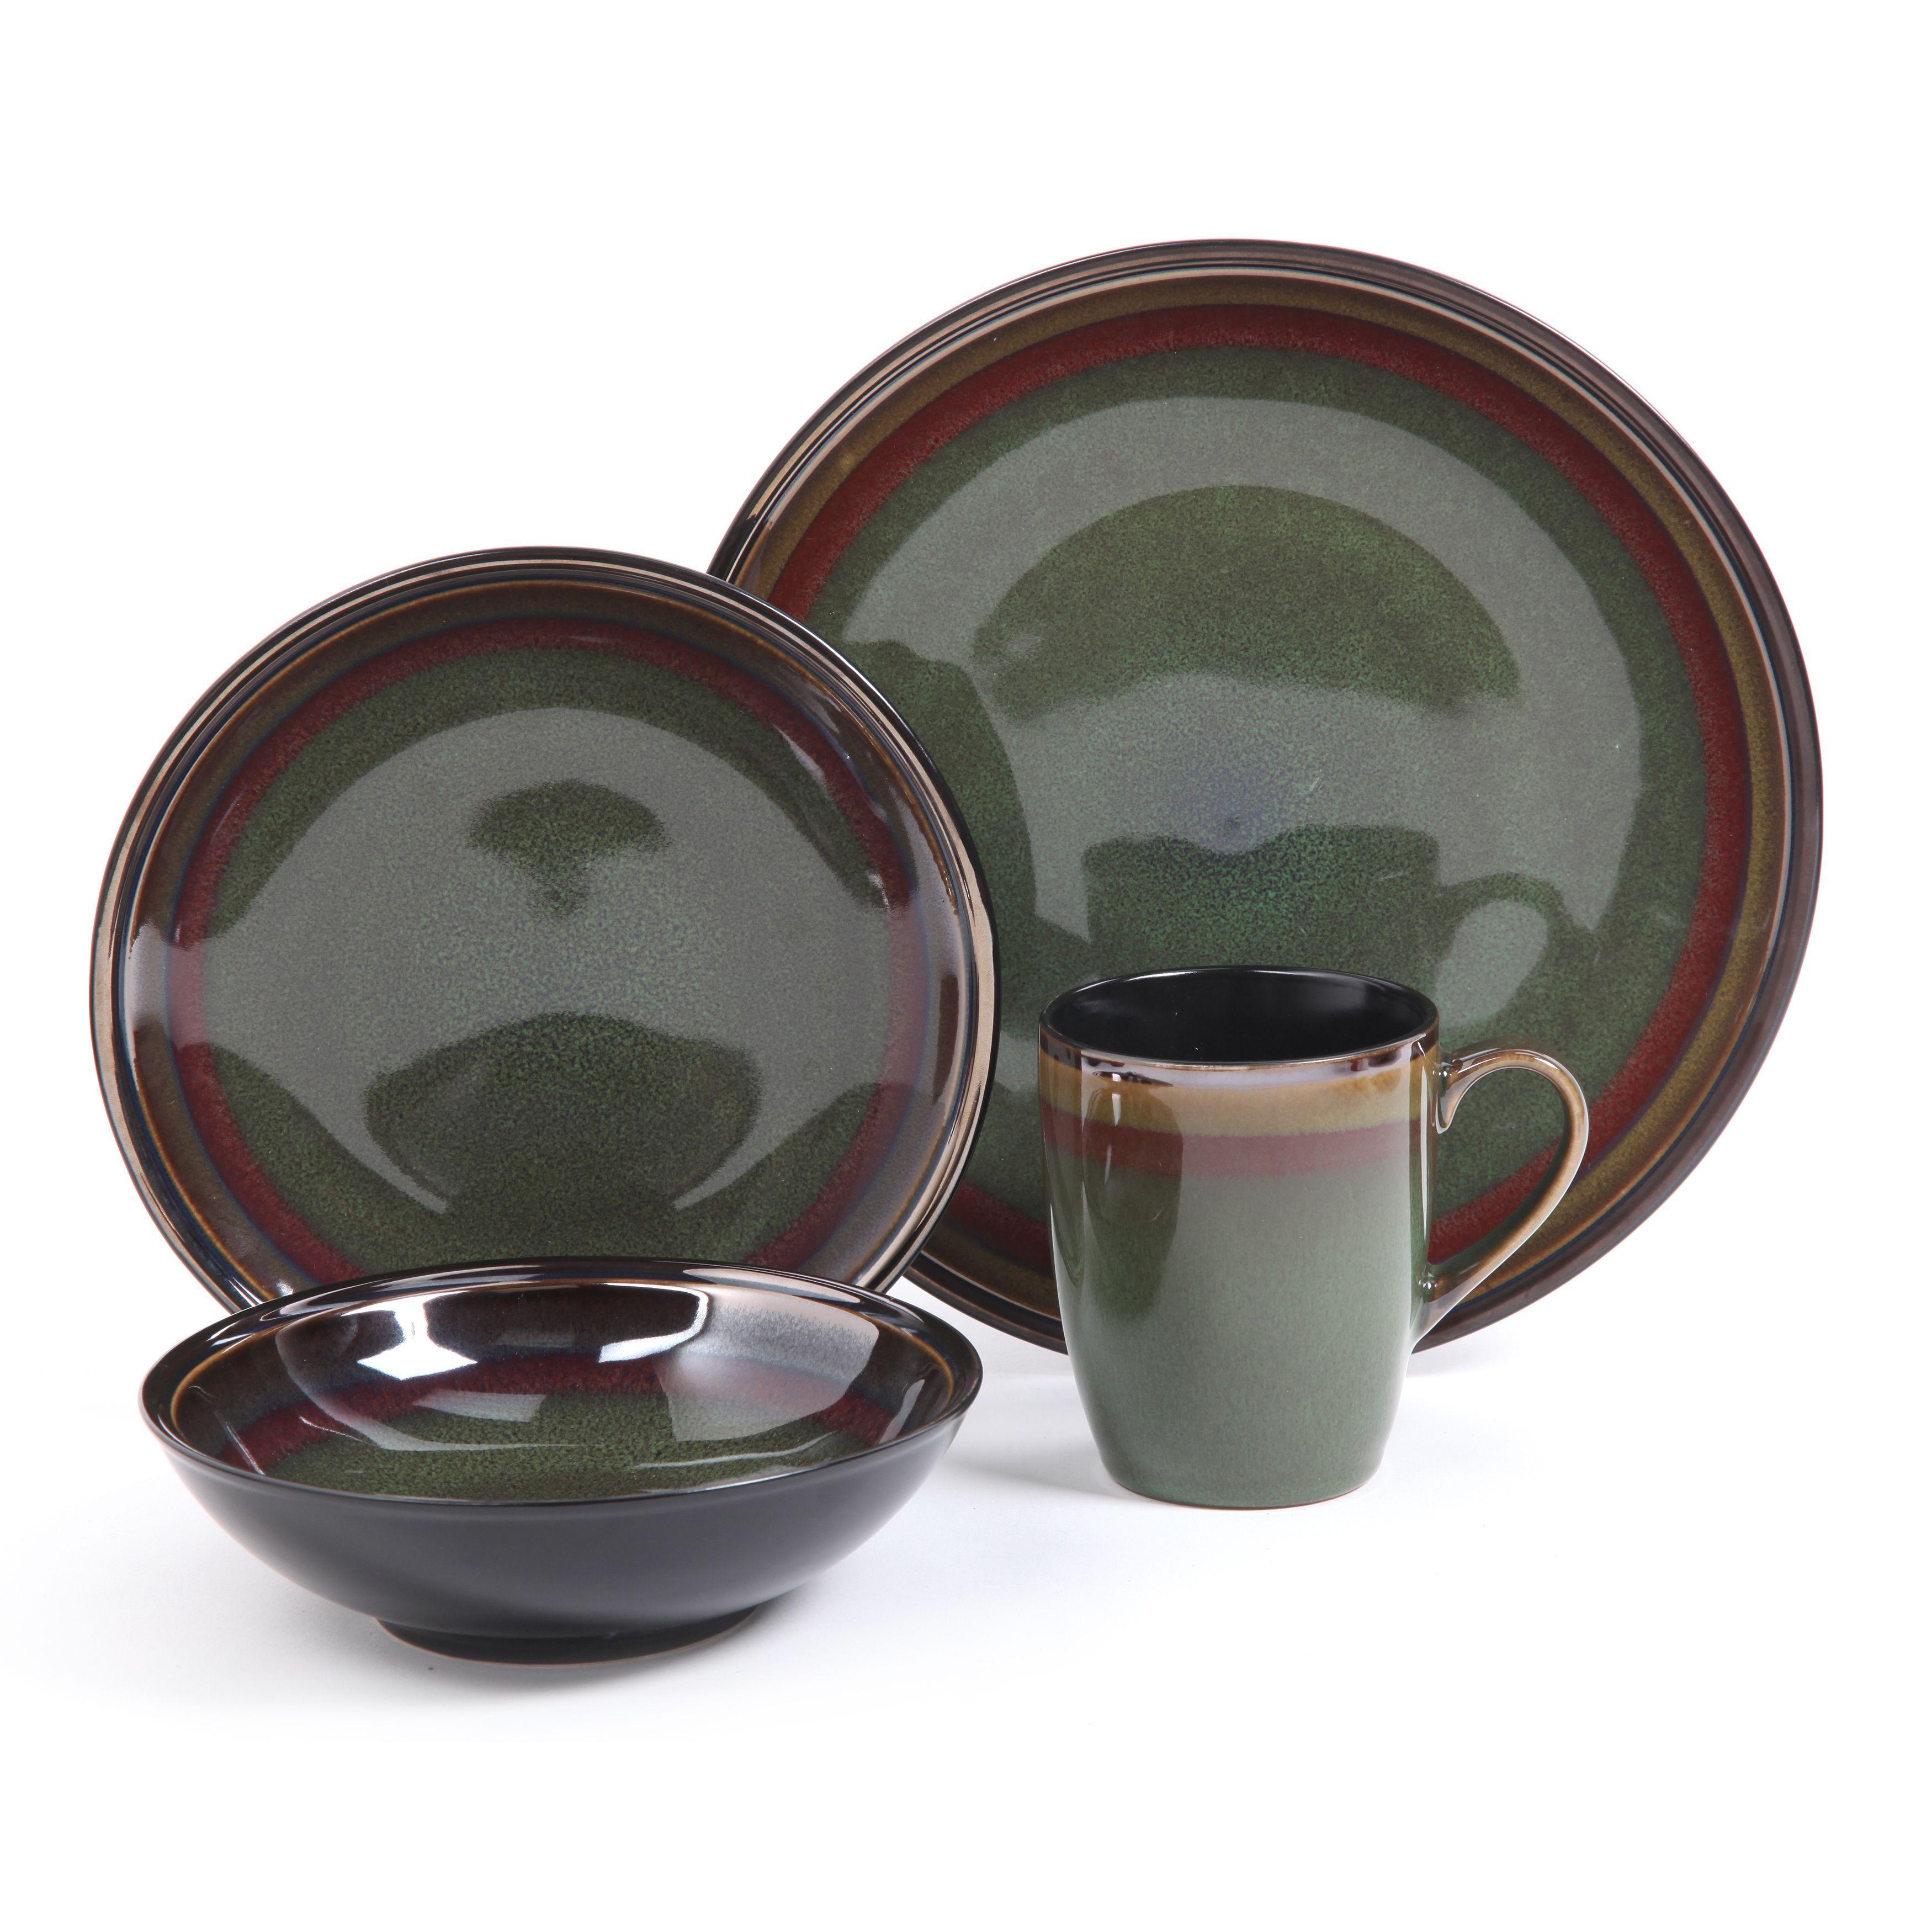 Tequesta Round 16-piece Green Stoneware Dinnerware Set (Gibson Elite- Tequesta)  sc 1 st  Pinterest & Tequesta Round 16-piece Green Stoneware Dinnerware Set (Gibson Elite ...